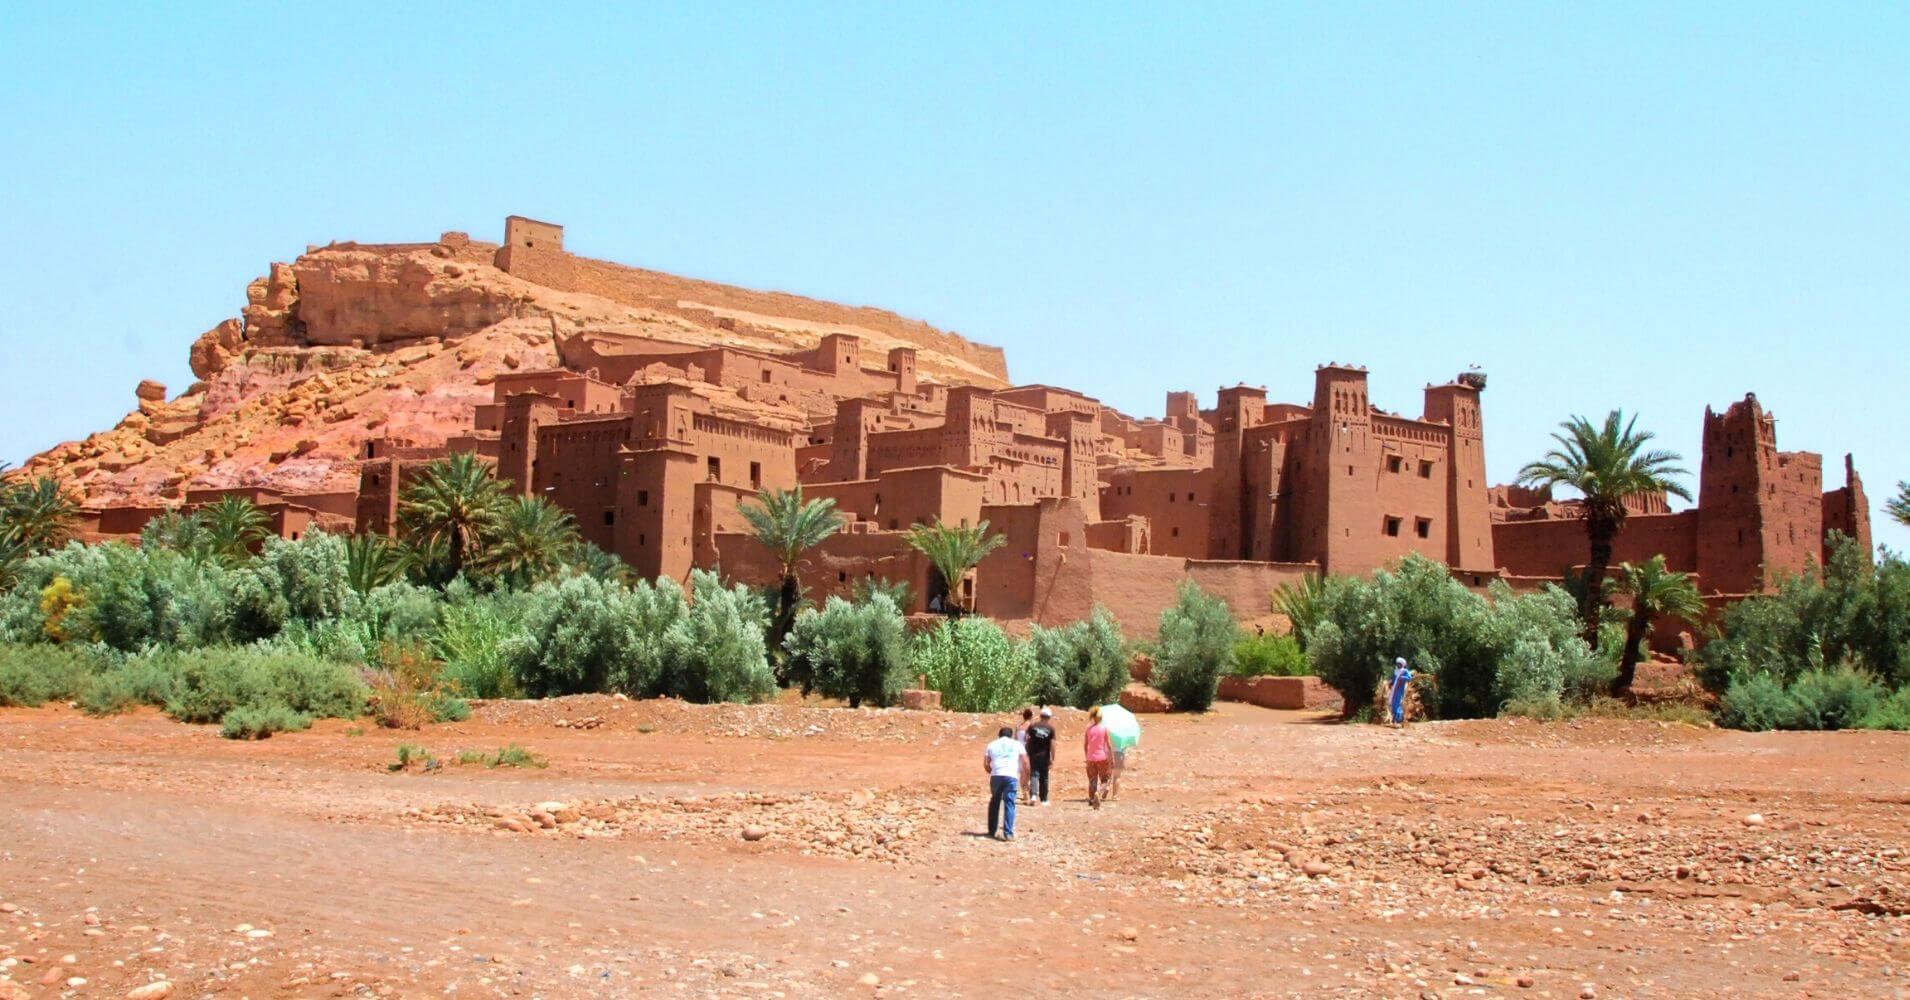 Panorámica Kasbah Aït Ben Haddou, Marruecos.